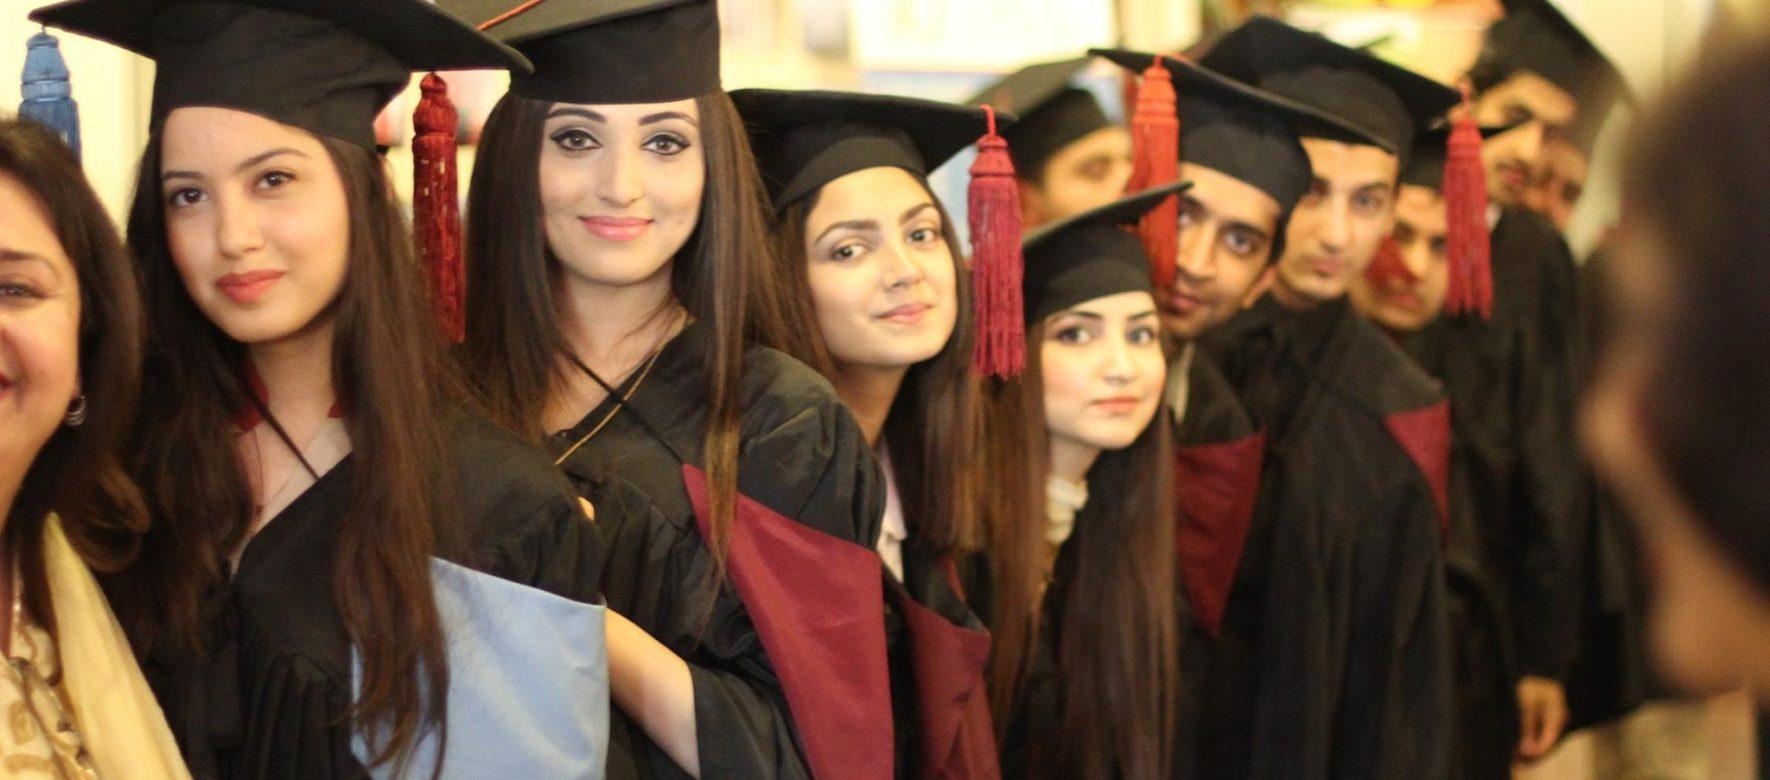 L'Union européenne mobilise 60 millions d'euros pour le système éducatif tunisien